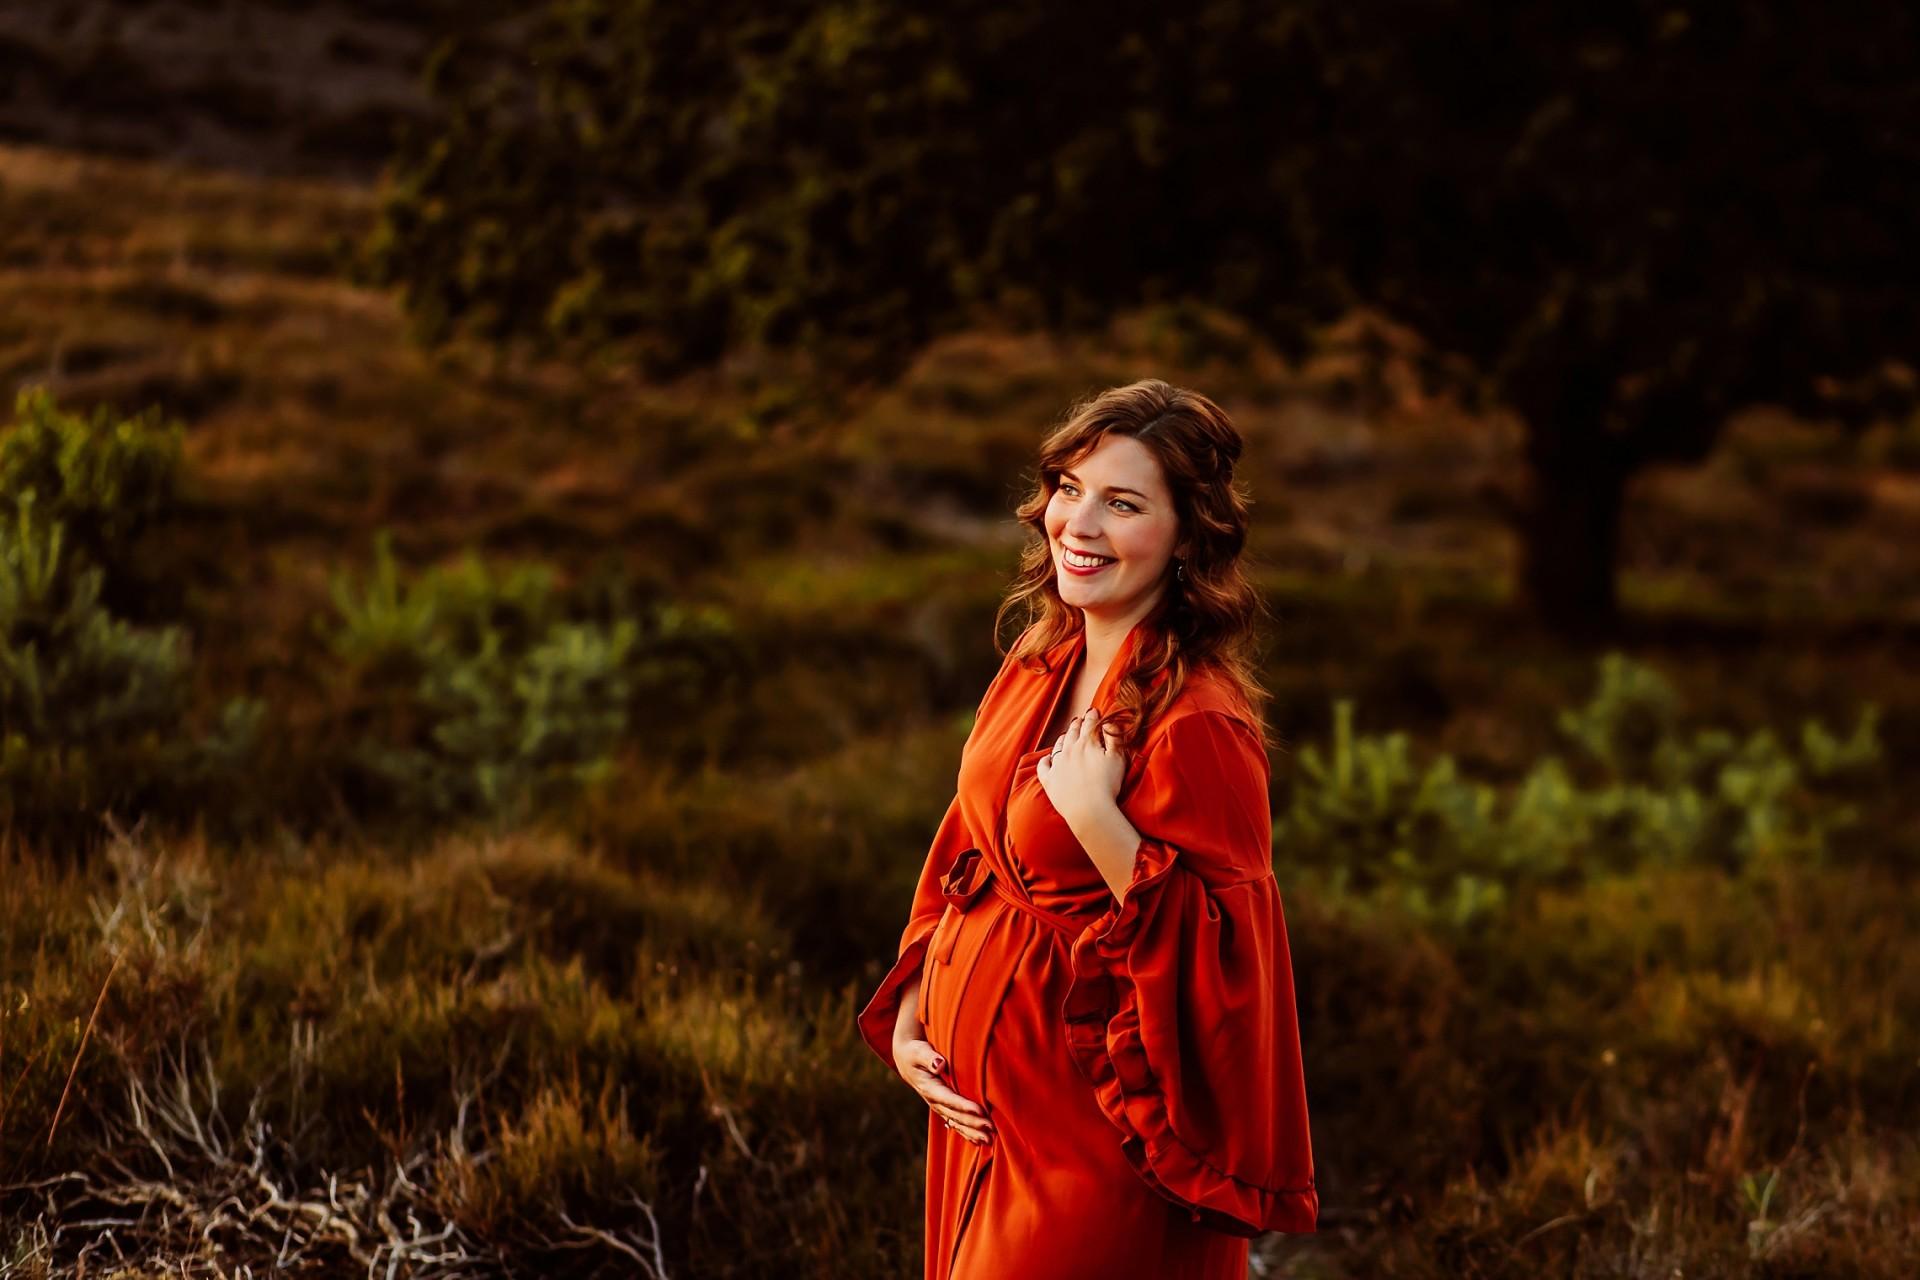 Zwangerschap fotograaf Nijmegen, Elainefotografie